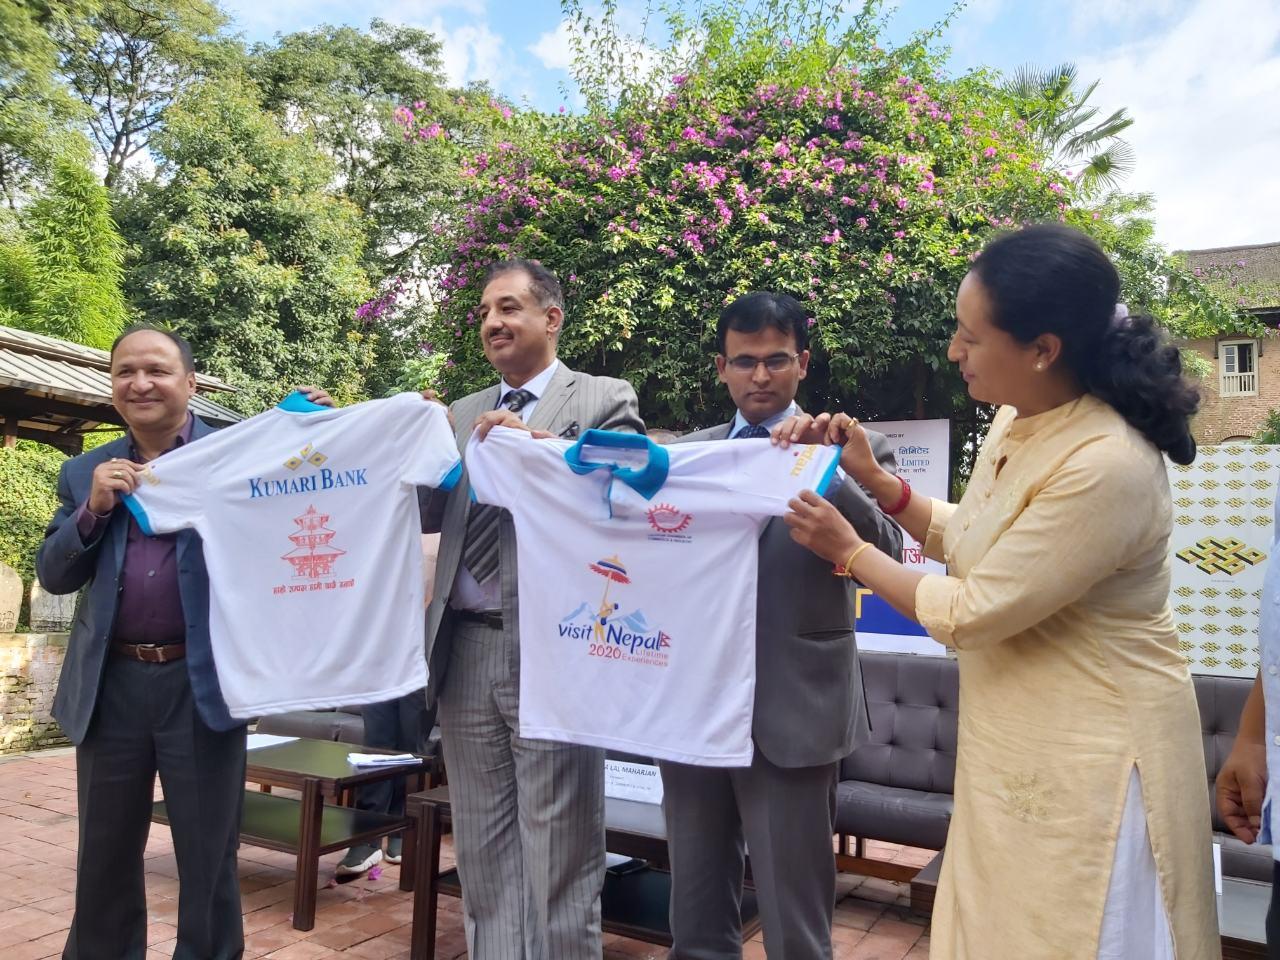 कुमारी बैंक र ललितपुर वाणिज्य संघको पदयात्रा कार्यक्रम